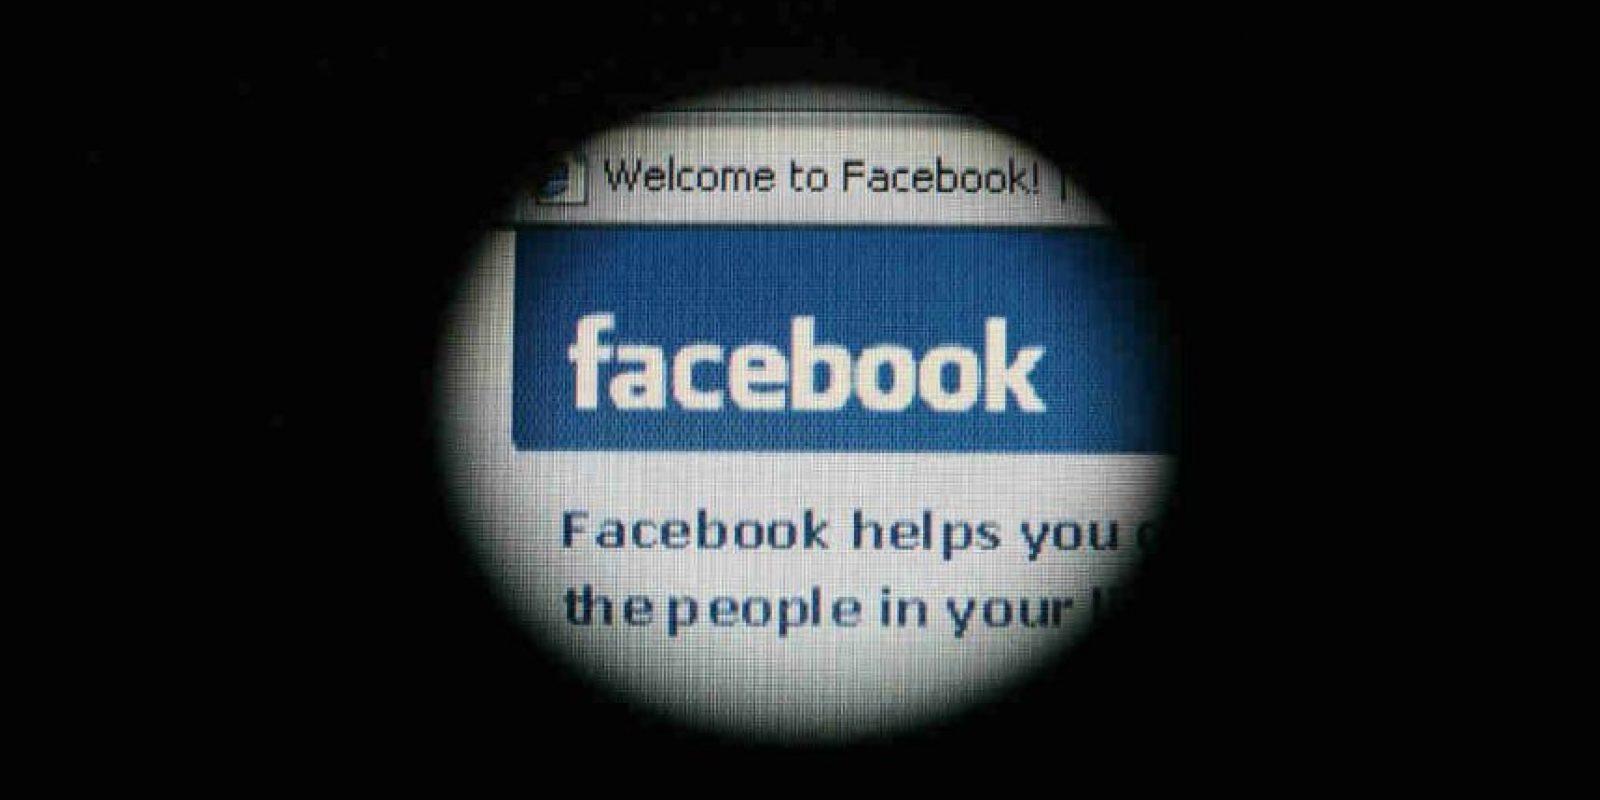 Al principio, Facebook Live era sólo para el uso de cuentas certificadas. Foto:Facebook